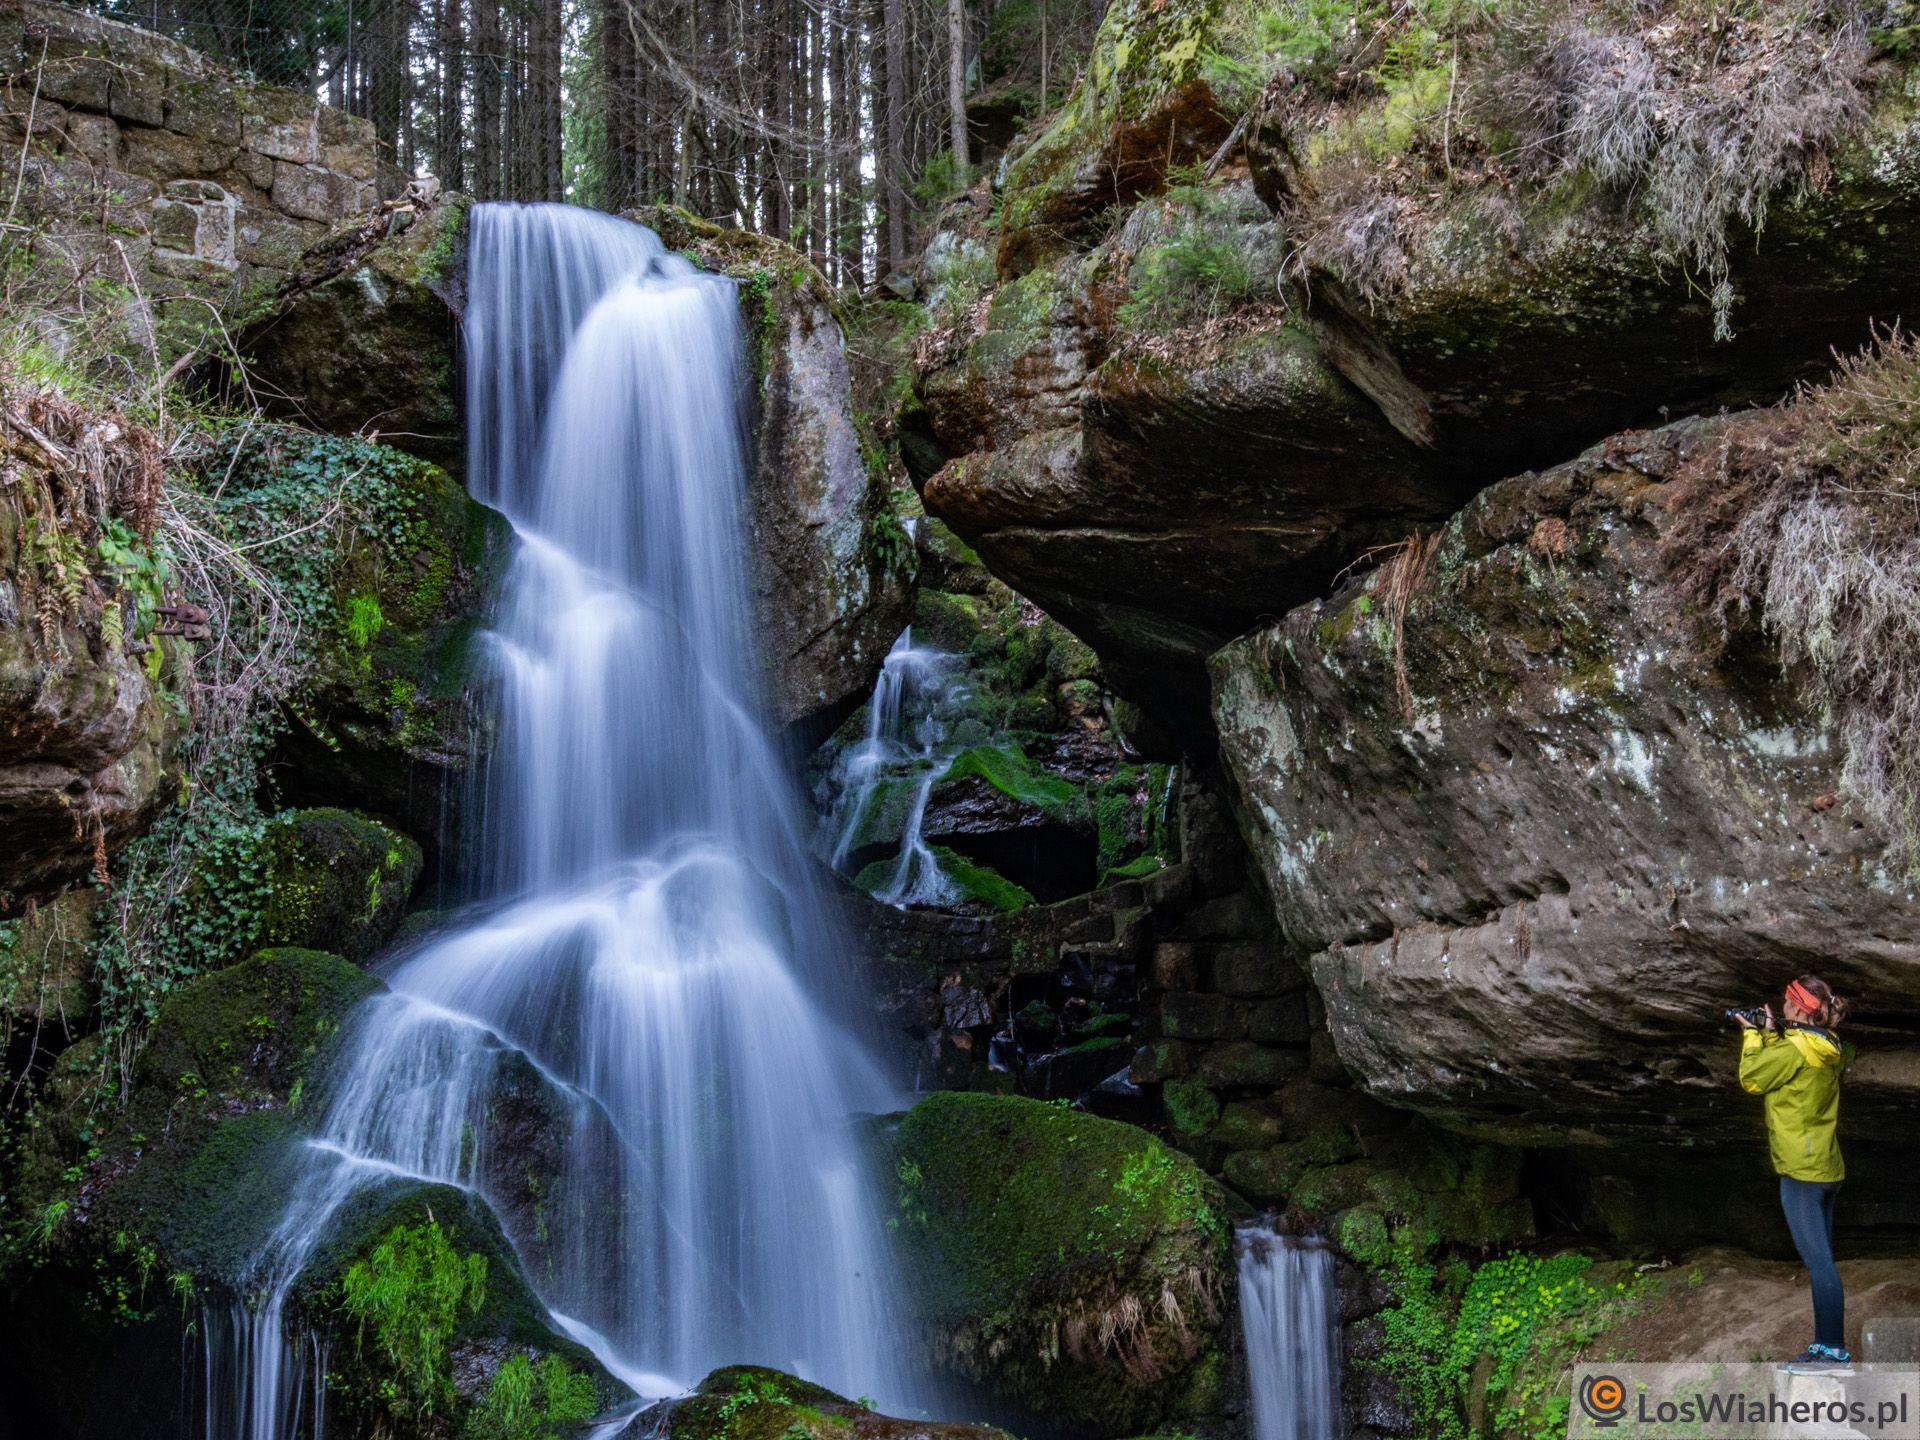 Lichtenhainer Wasserfall - mało znana atrakcja wParku Narodowym, ajednak urokliwa